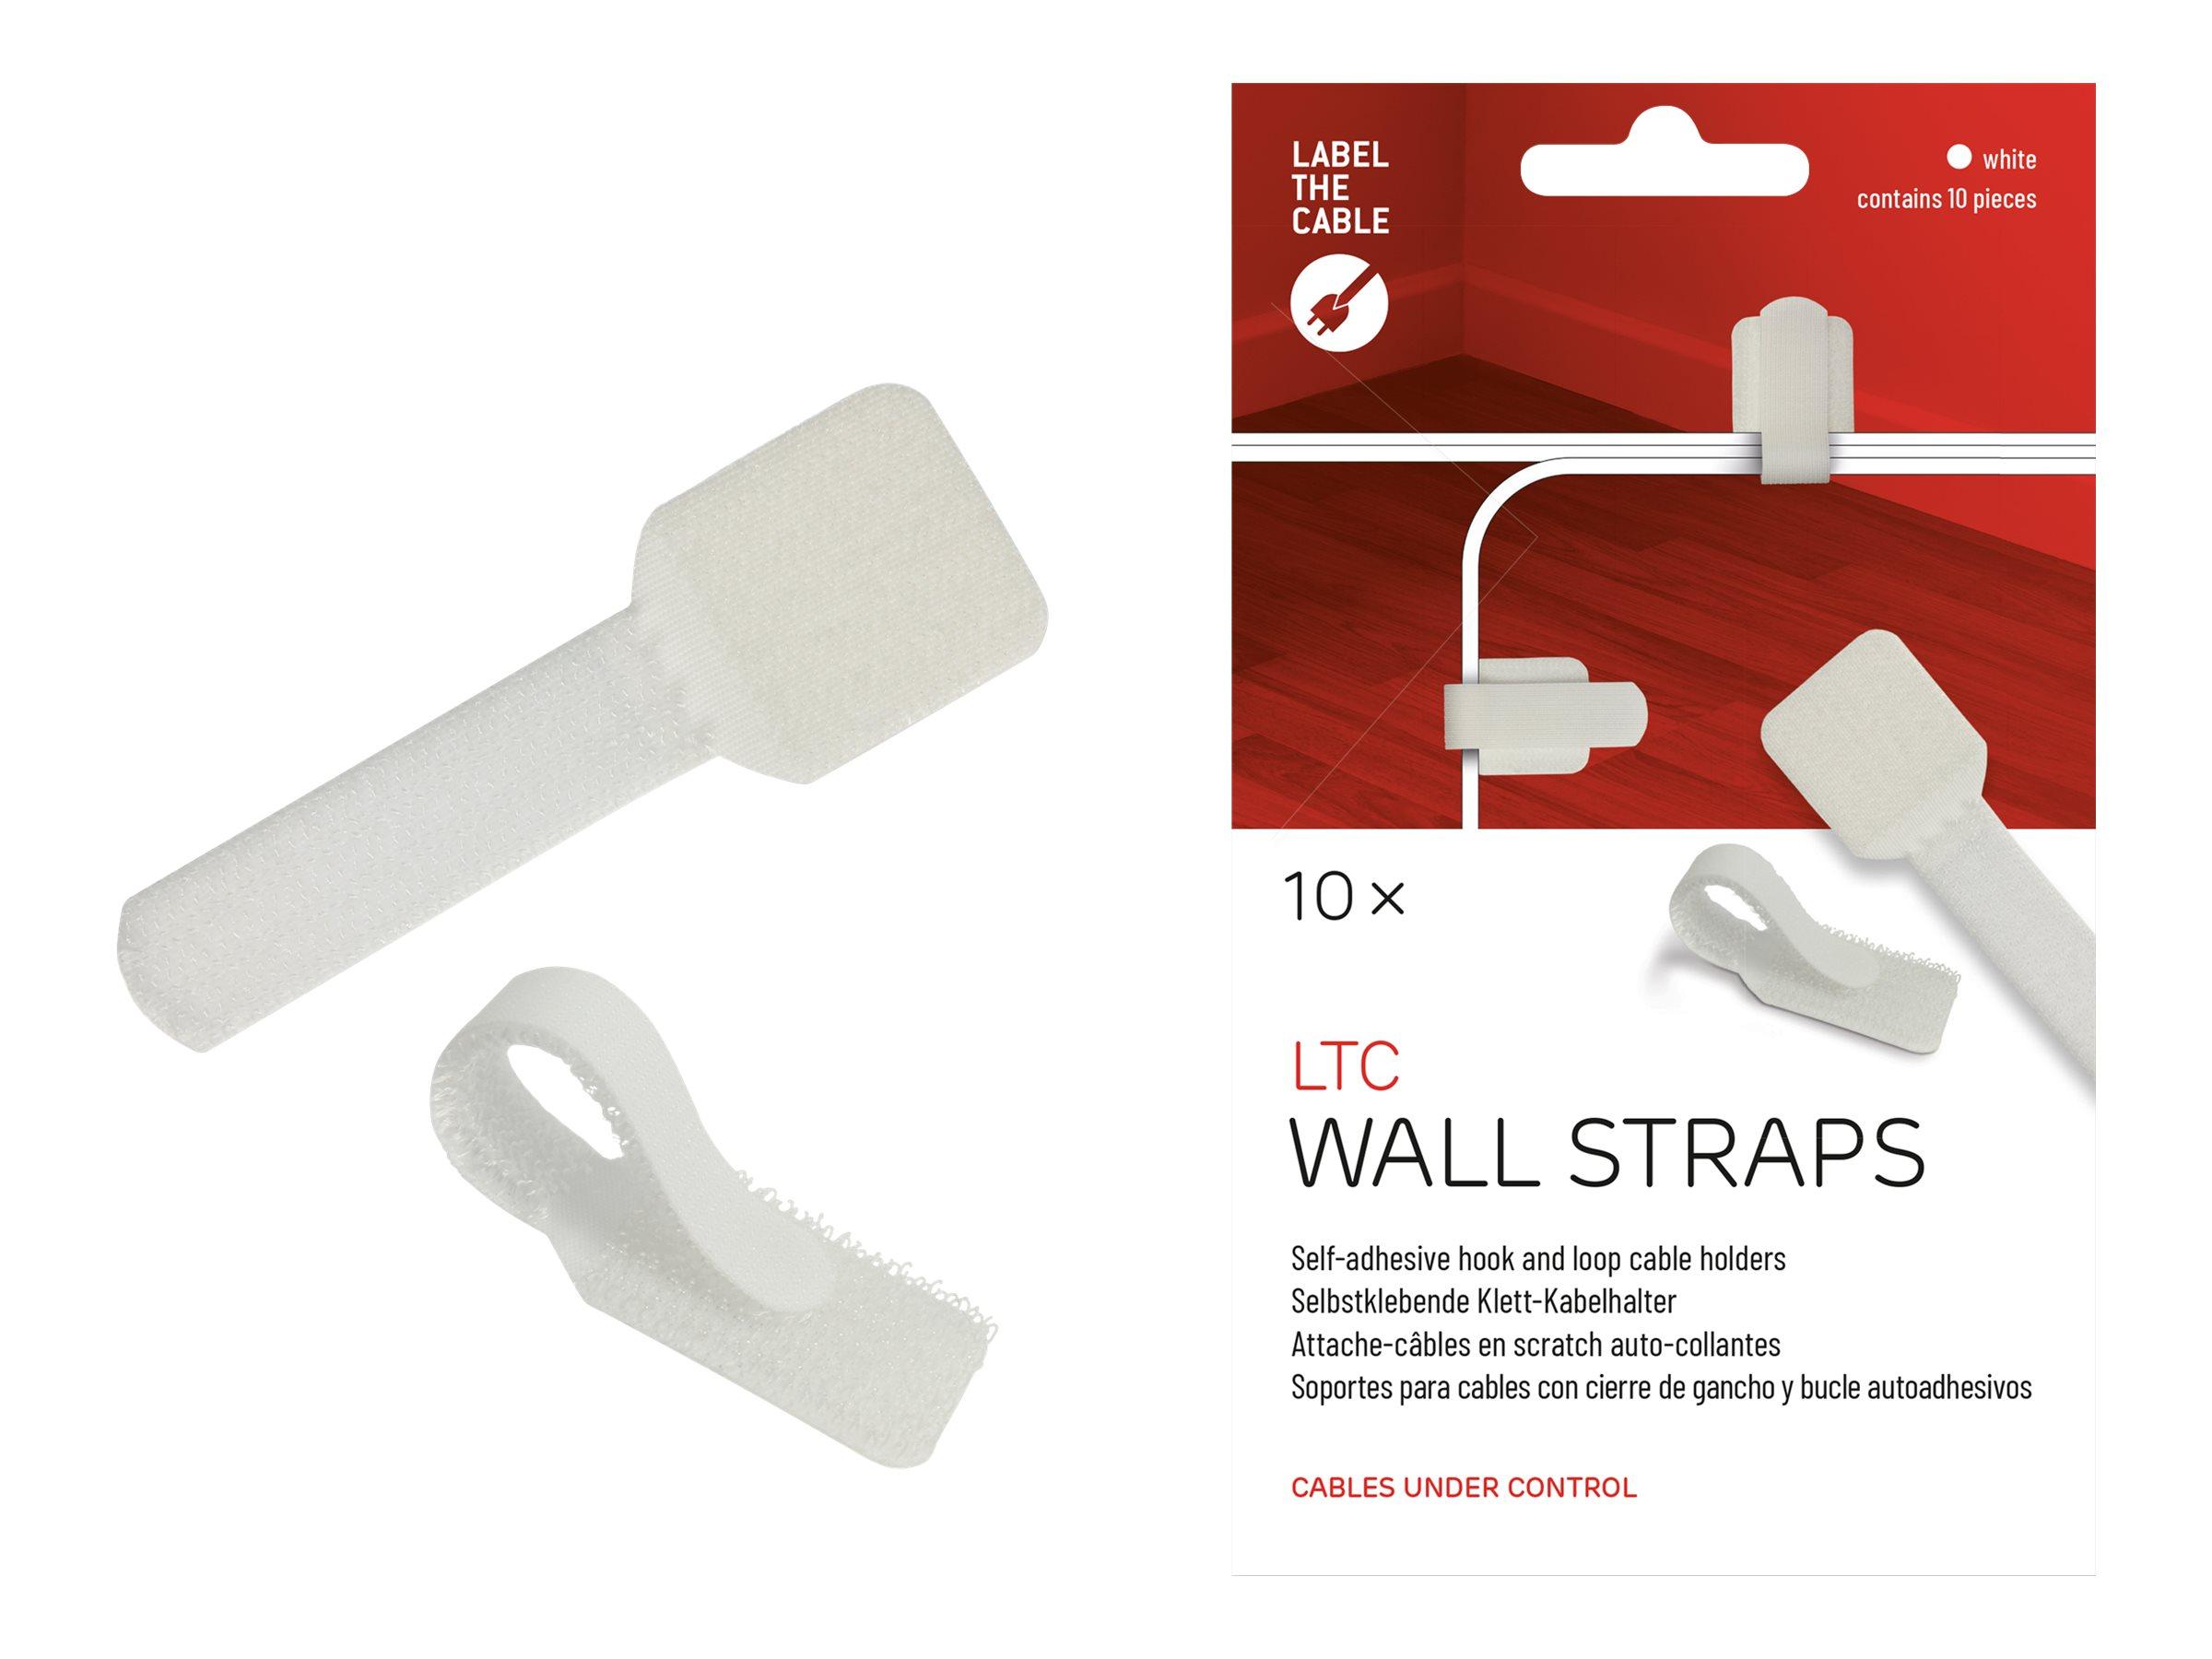 Label-the-cable LTC WALL STRAPS - Kabelhalter - Oberfläche montierbar, geeignet für Wandmontage - 9 cm - weiß (Packung mit 10)